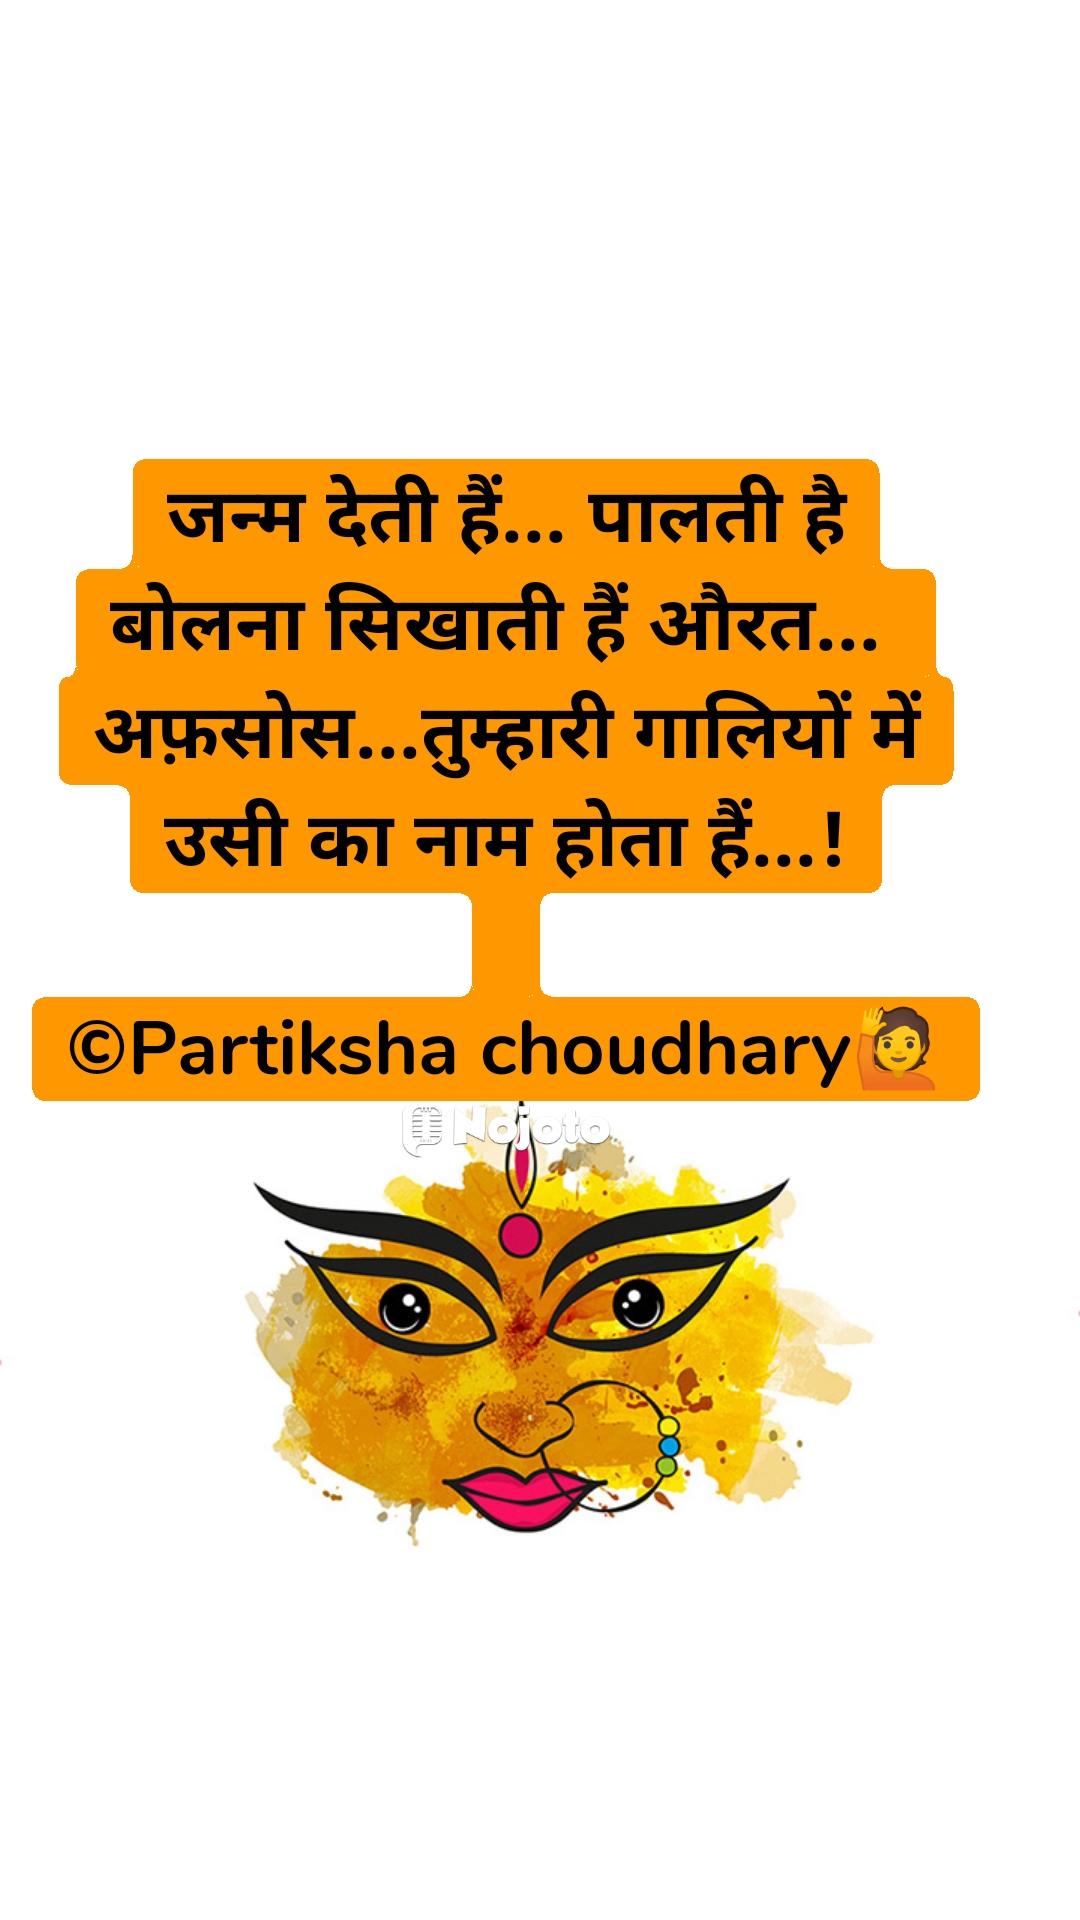 जन्म देती हैं... पालती है बोलना सिखाती हैं औरत...  अफ़सोस...तुम्हारी गालियों में उसी का नाम होता हैं...!  ©Partiksha choudhary🙋